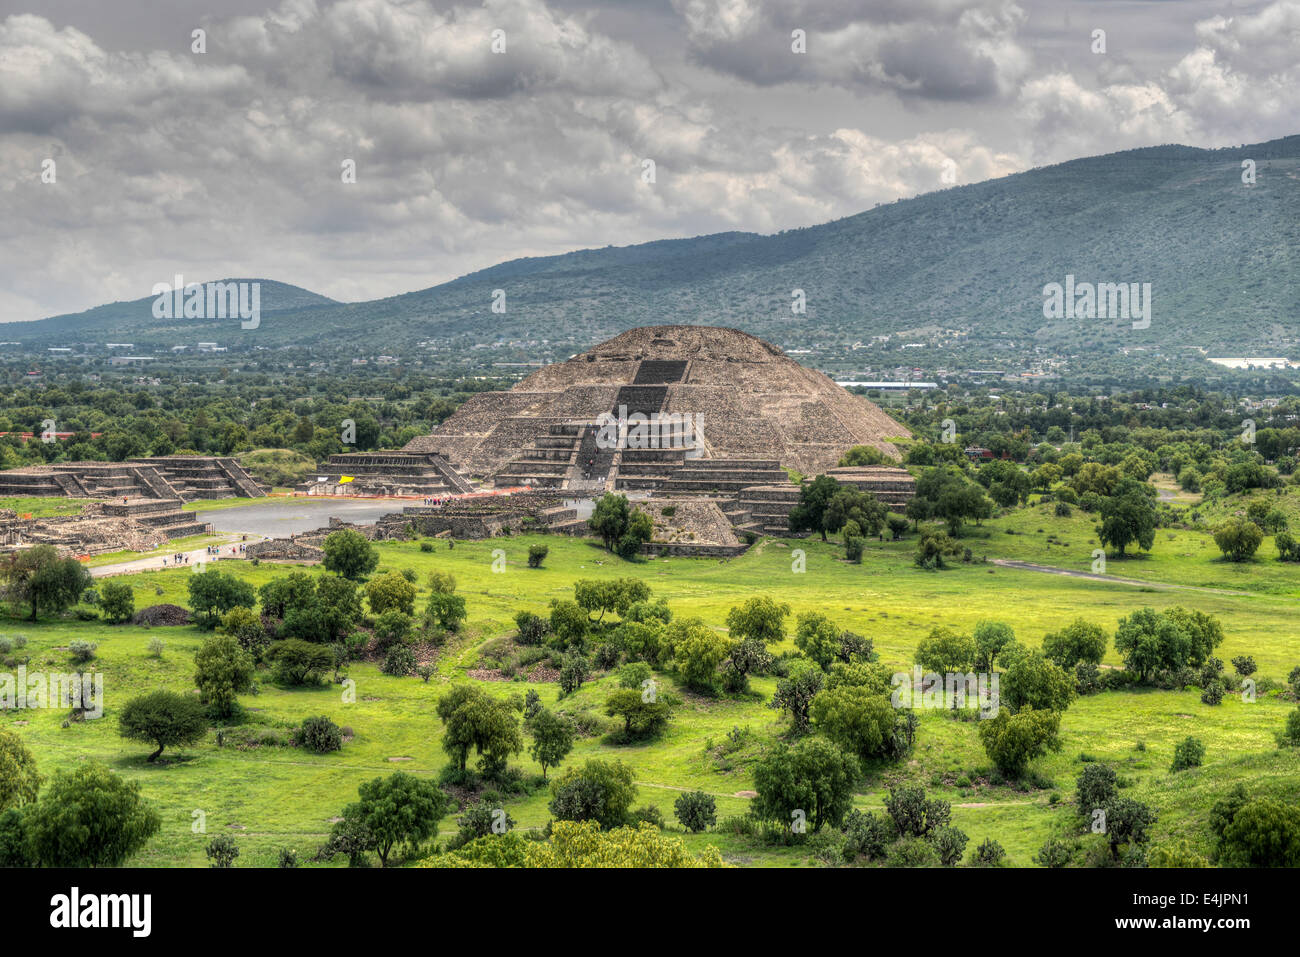 Die alte Pyramide des Mondes. Die zweitgrößte Pyramide in Teotihuacan, Mexiko. Stockbild